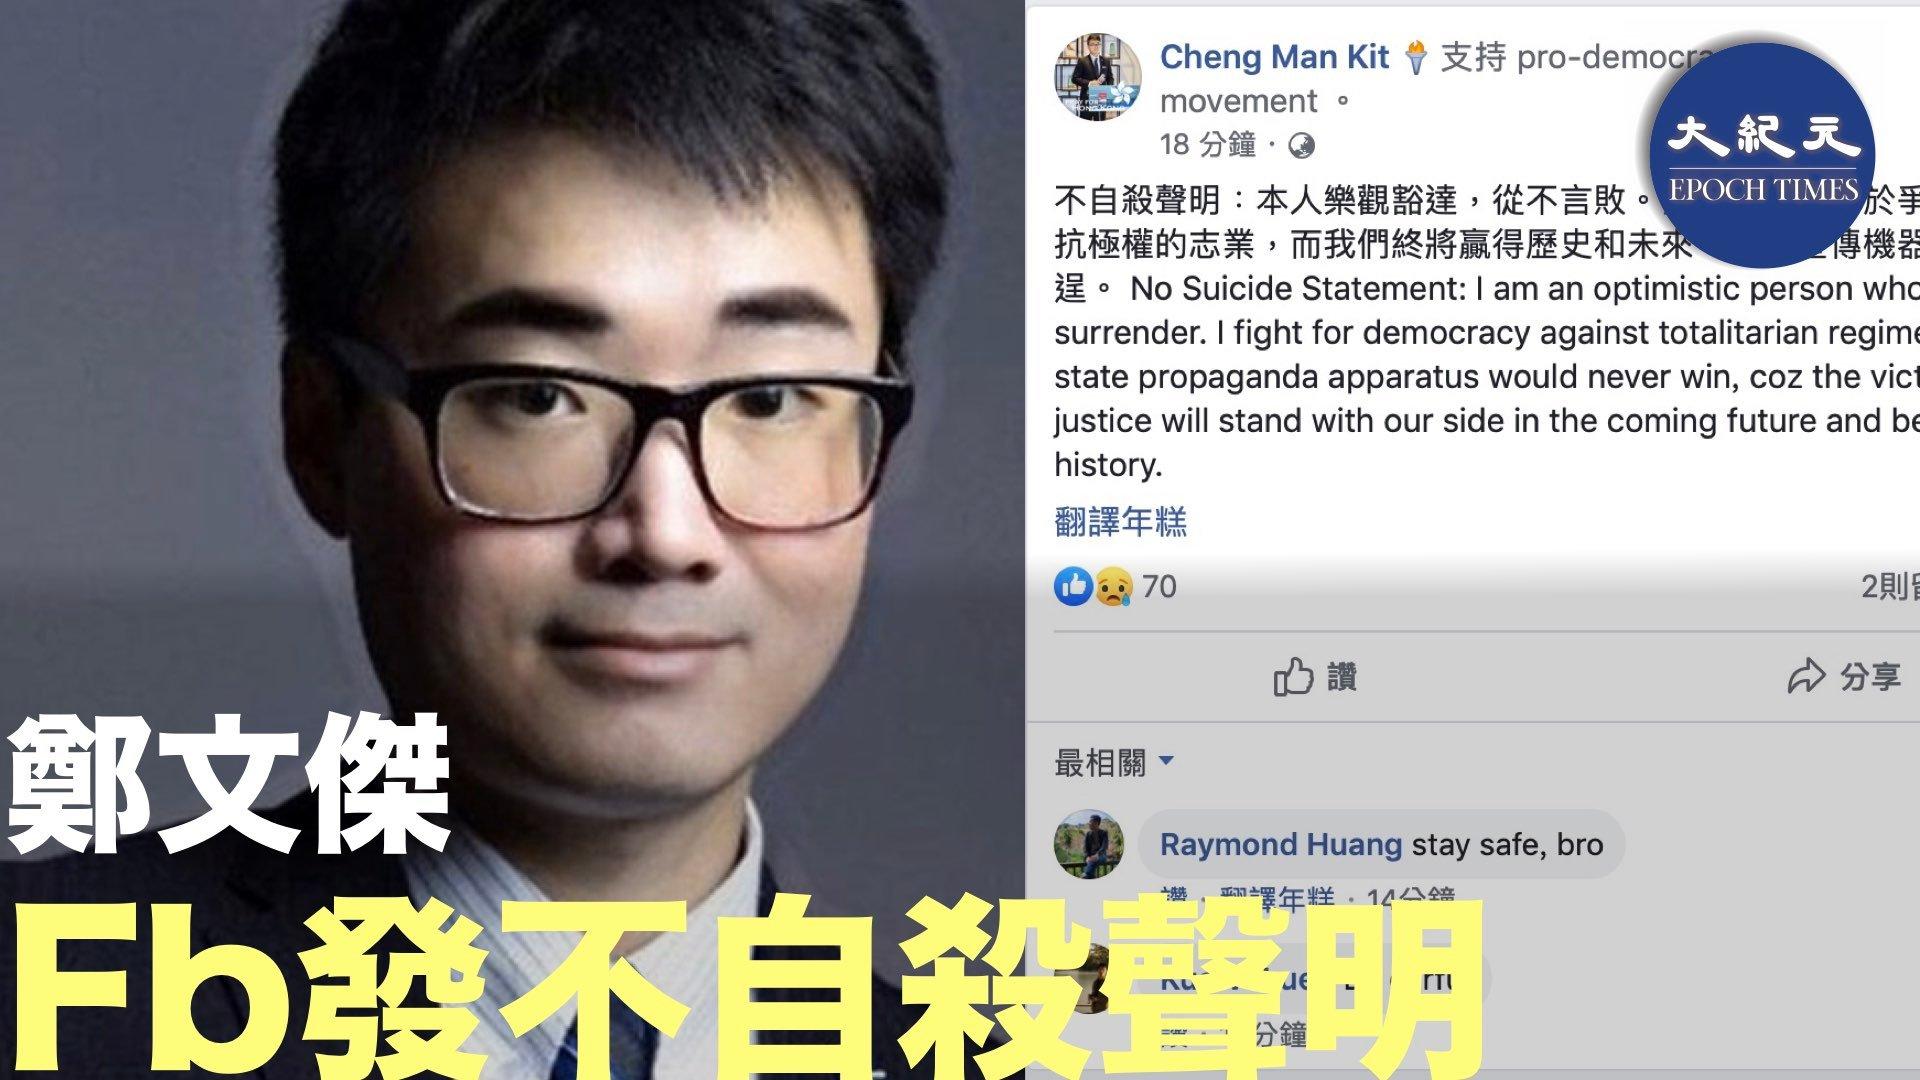 鄭文傑昨晚(16日)在Facebook發表不自殺聲明。(大紀元合成照,人物照來自路透社)